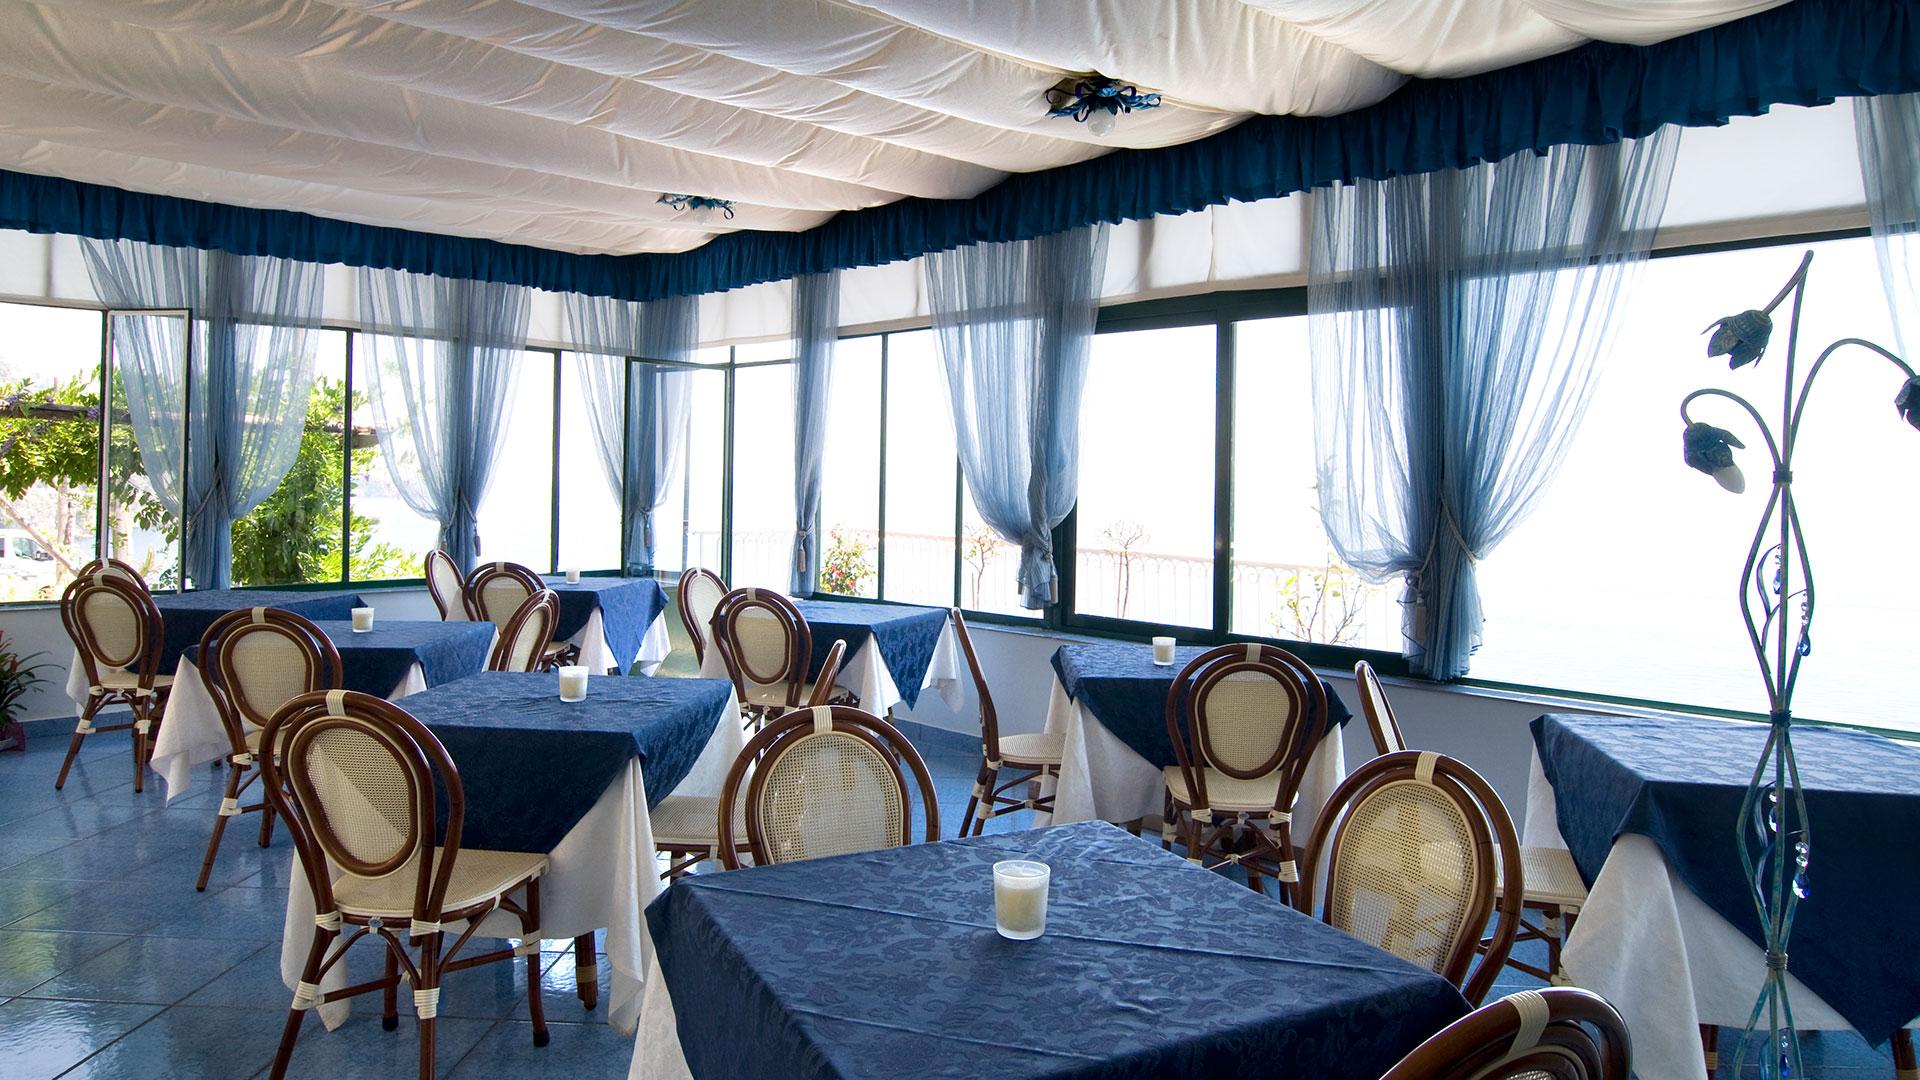 contract e forniture bar/ristoranti. - arredamenti e forniture in ... - Tavoli Sedie Ristorante